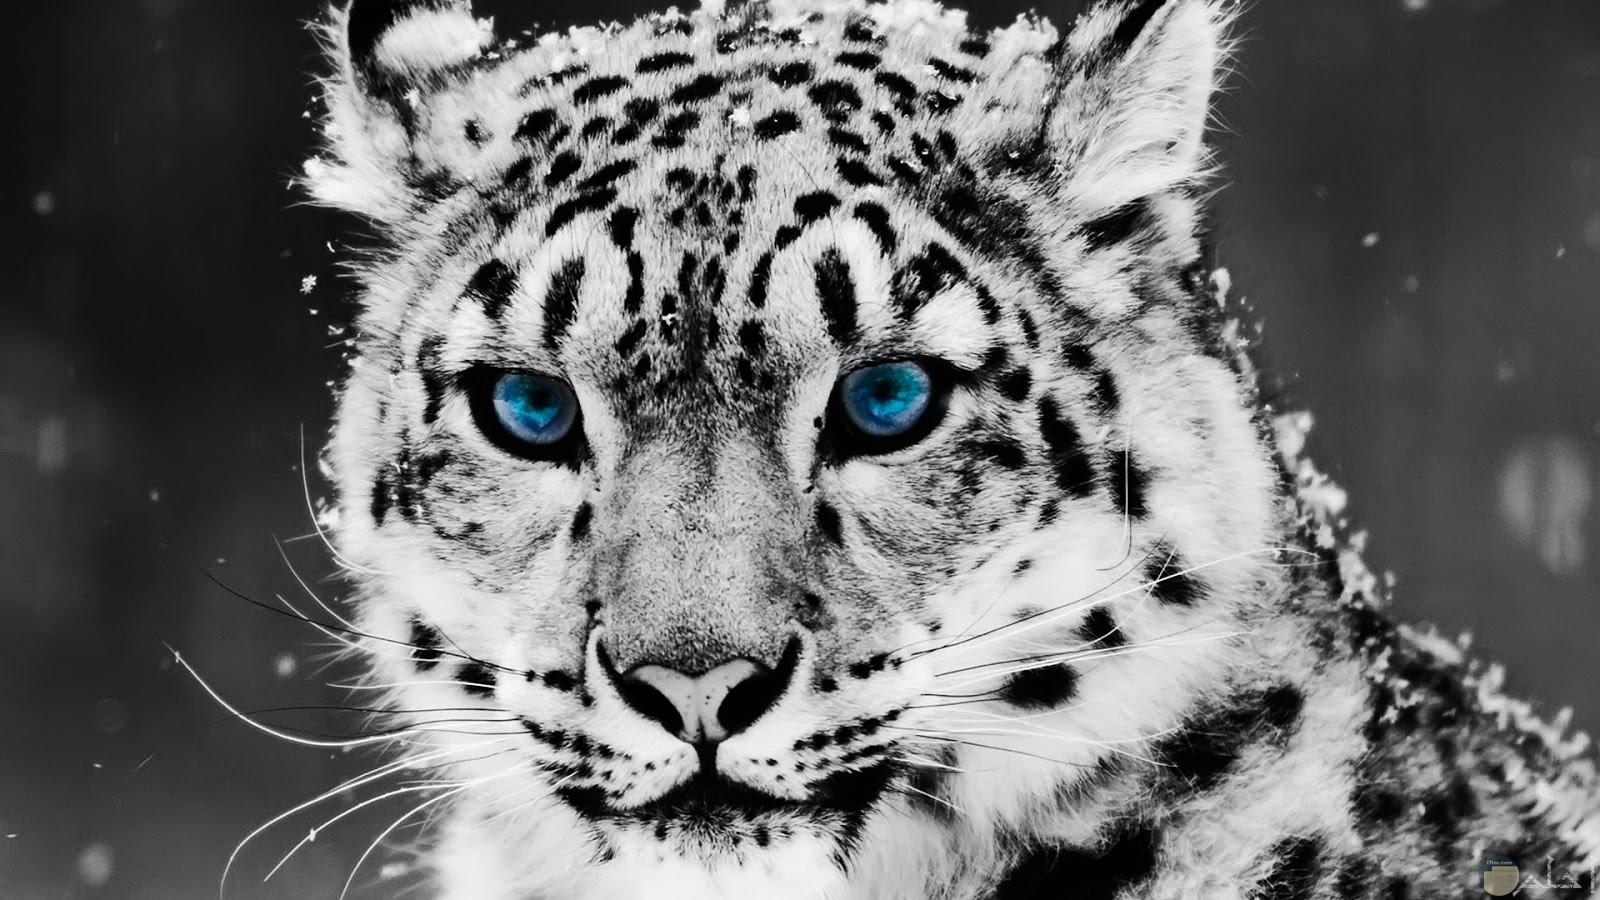 نمر أبيض ينظر للفريسة